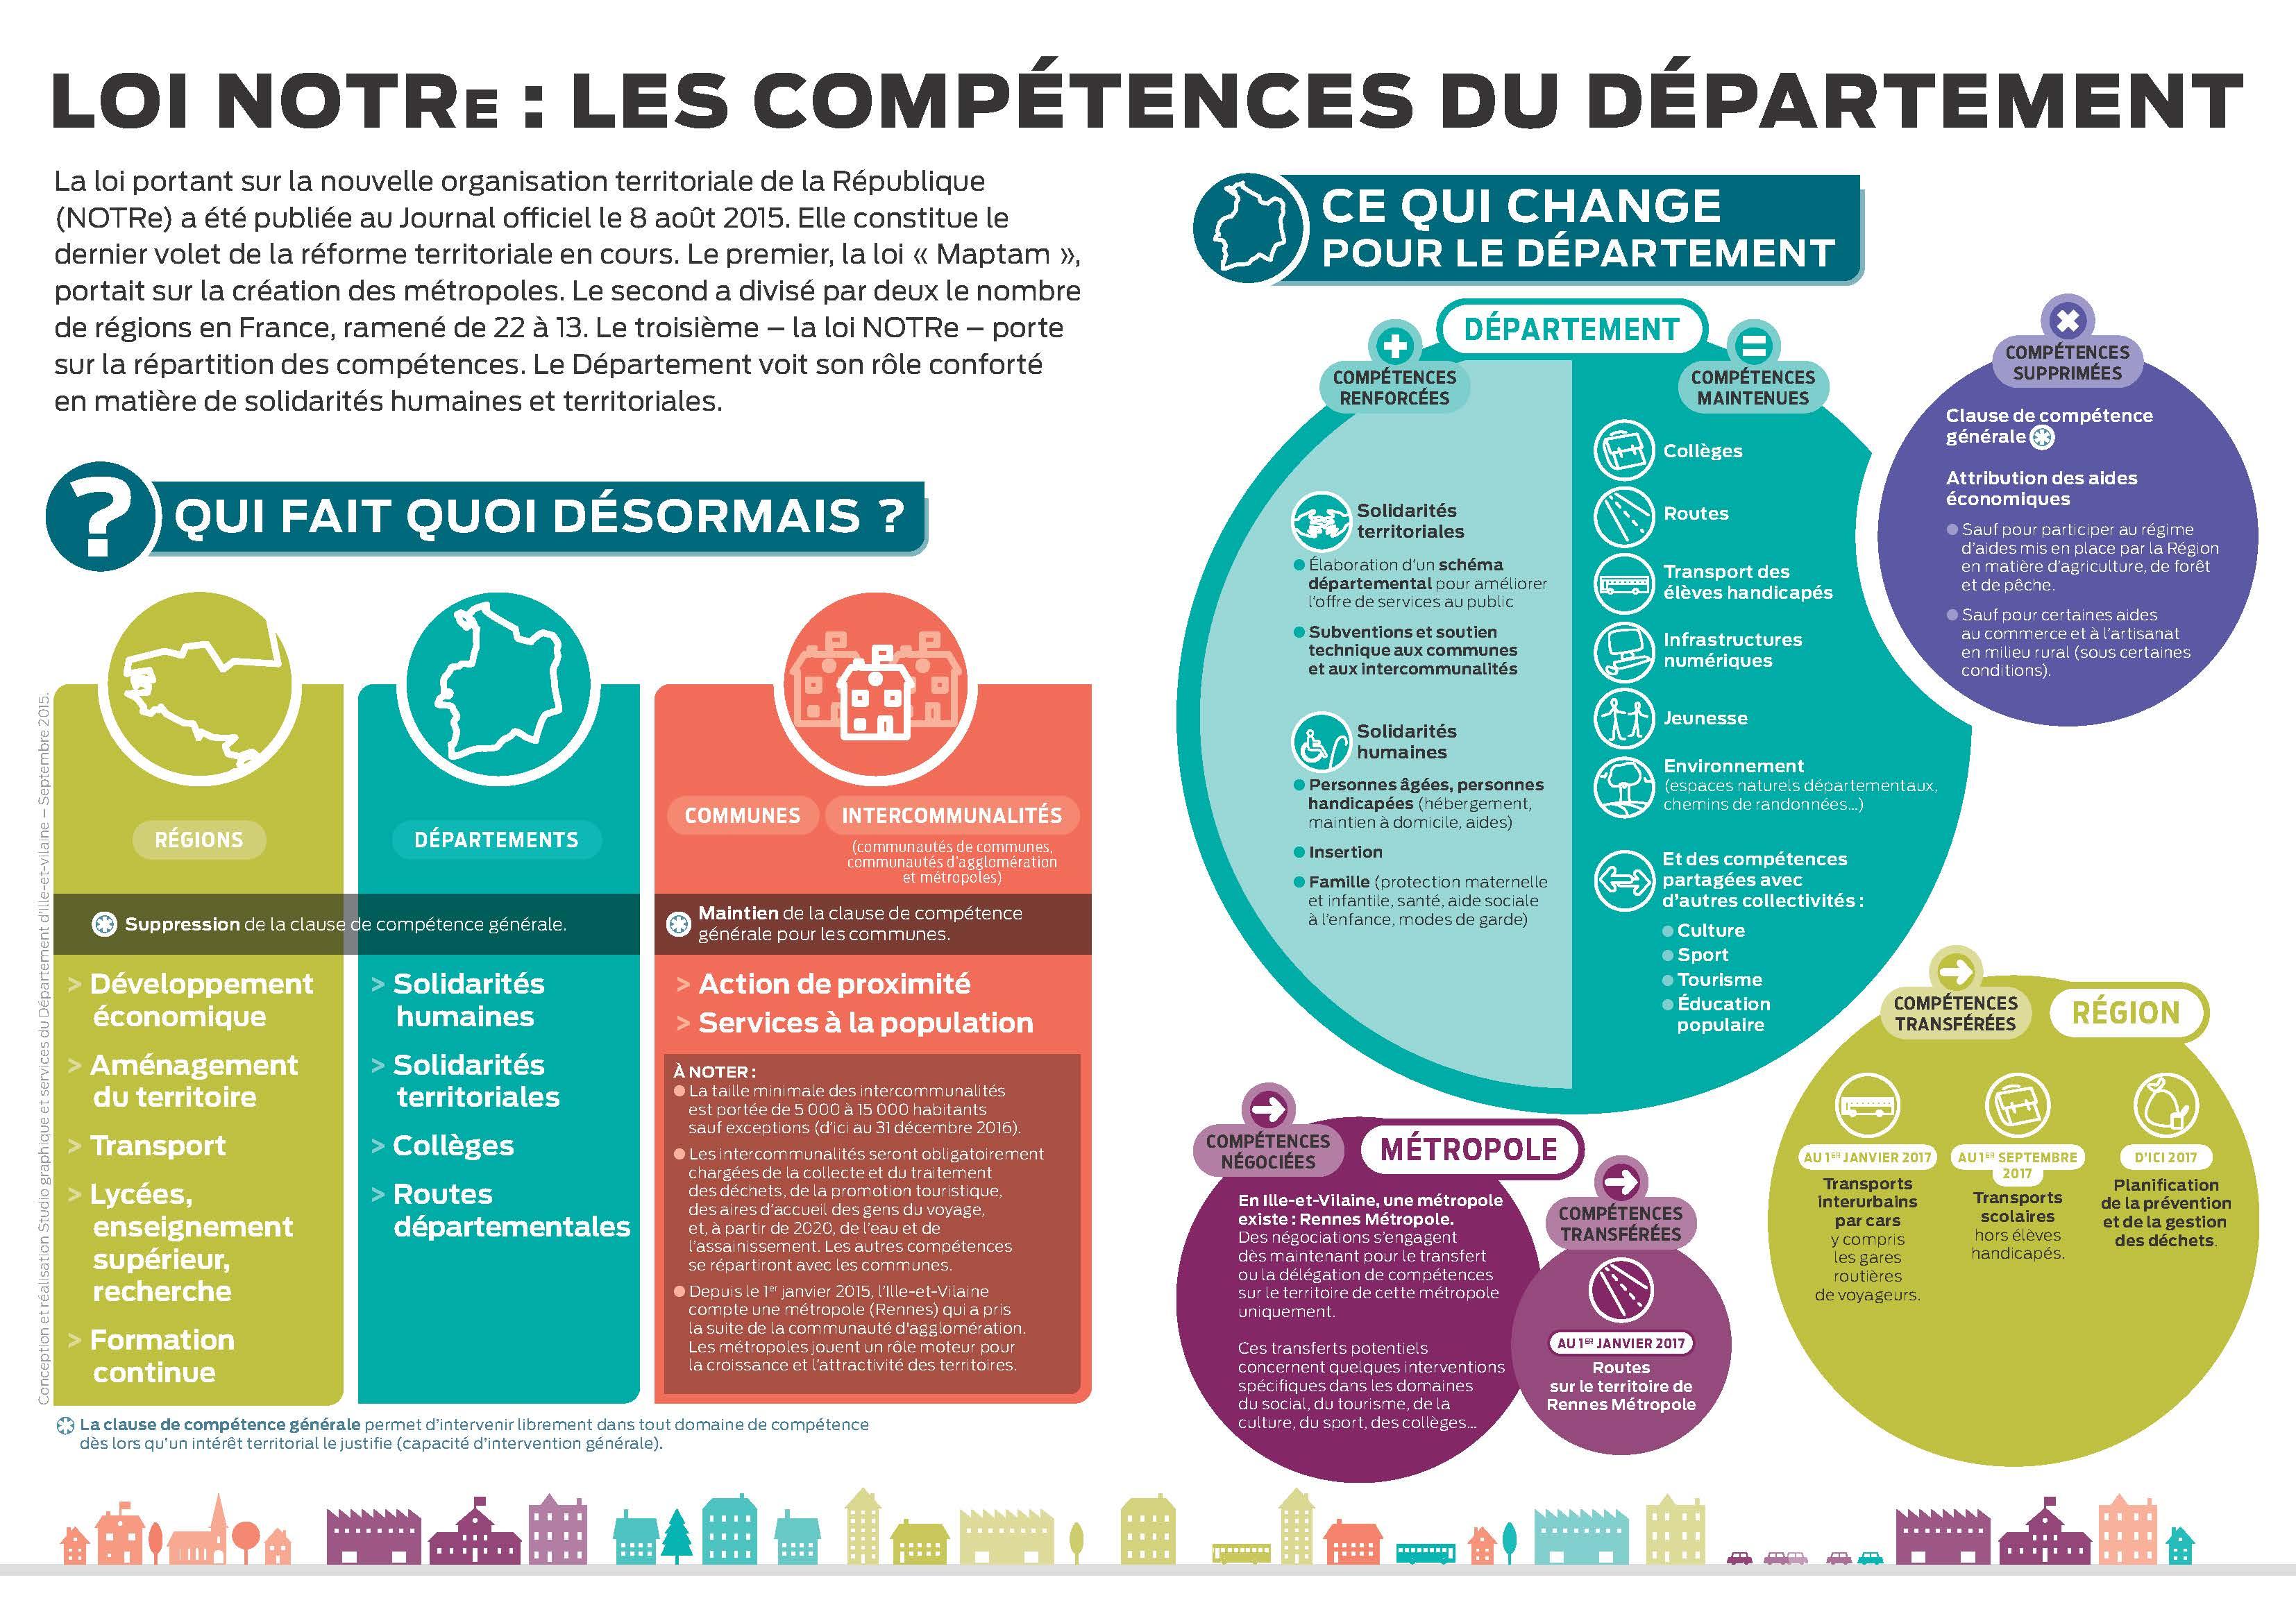 Competences département